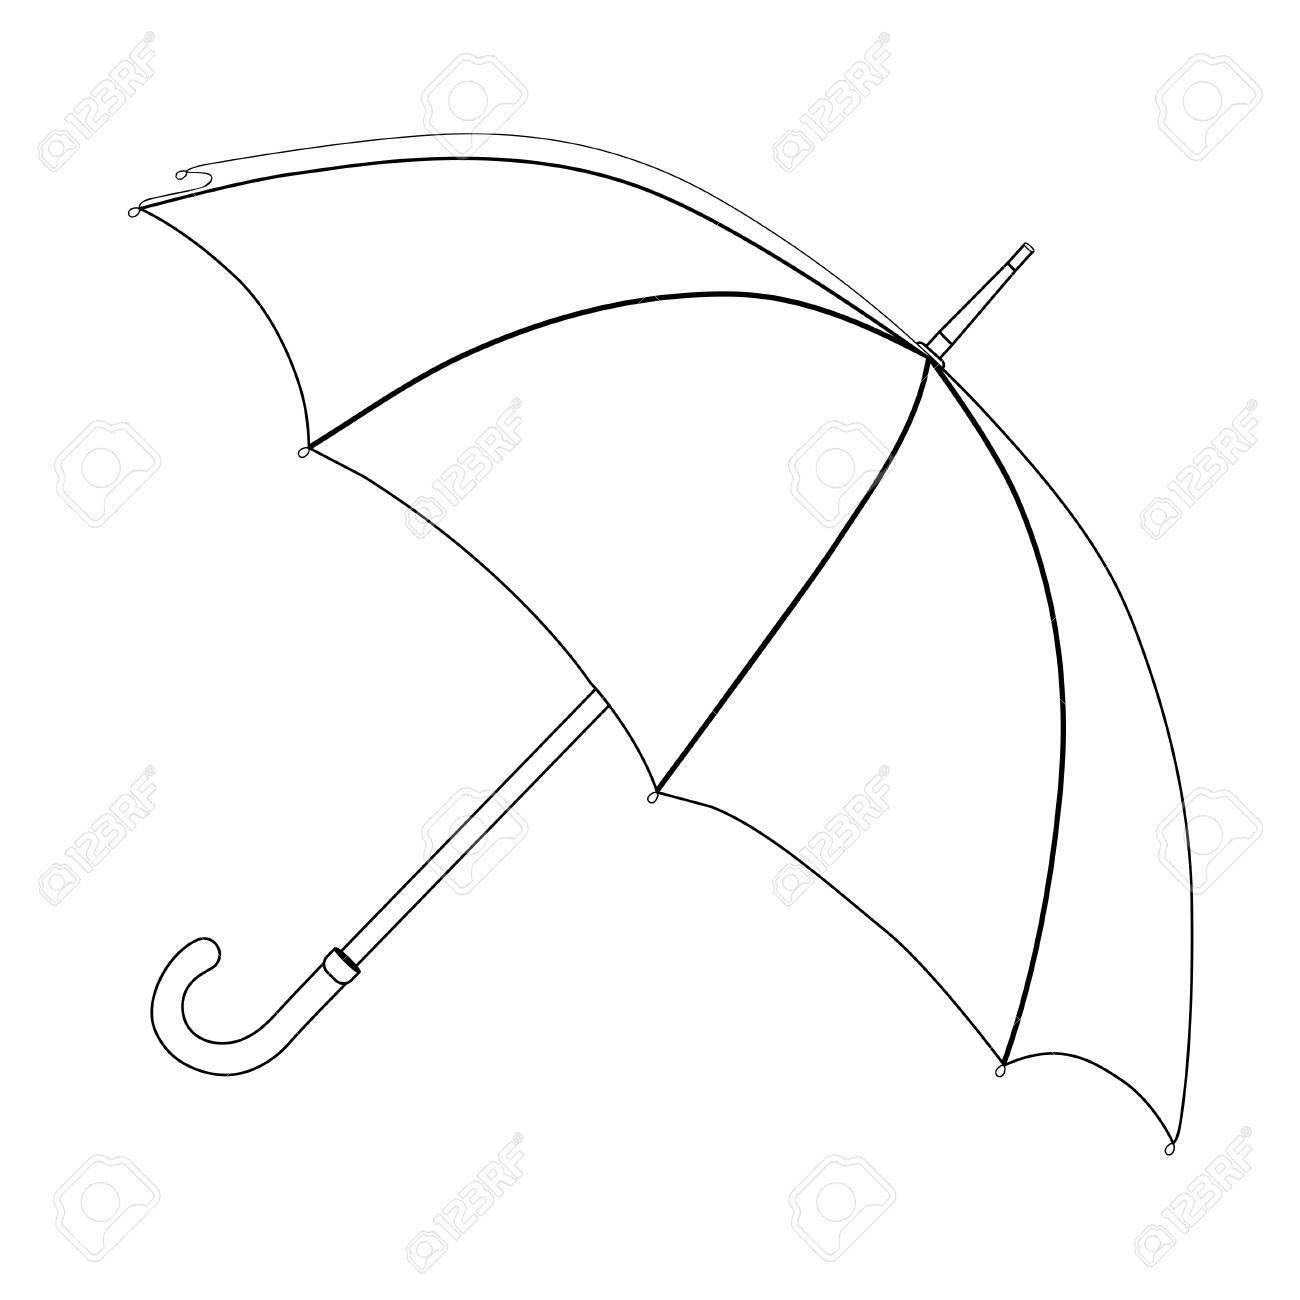 Umbrella Drawing Art